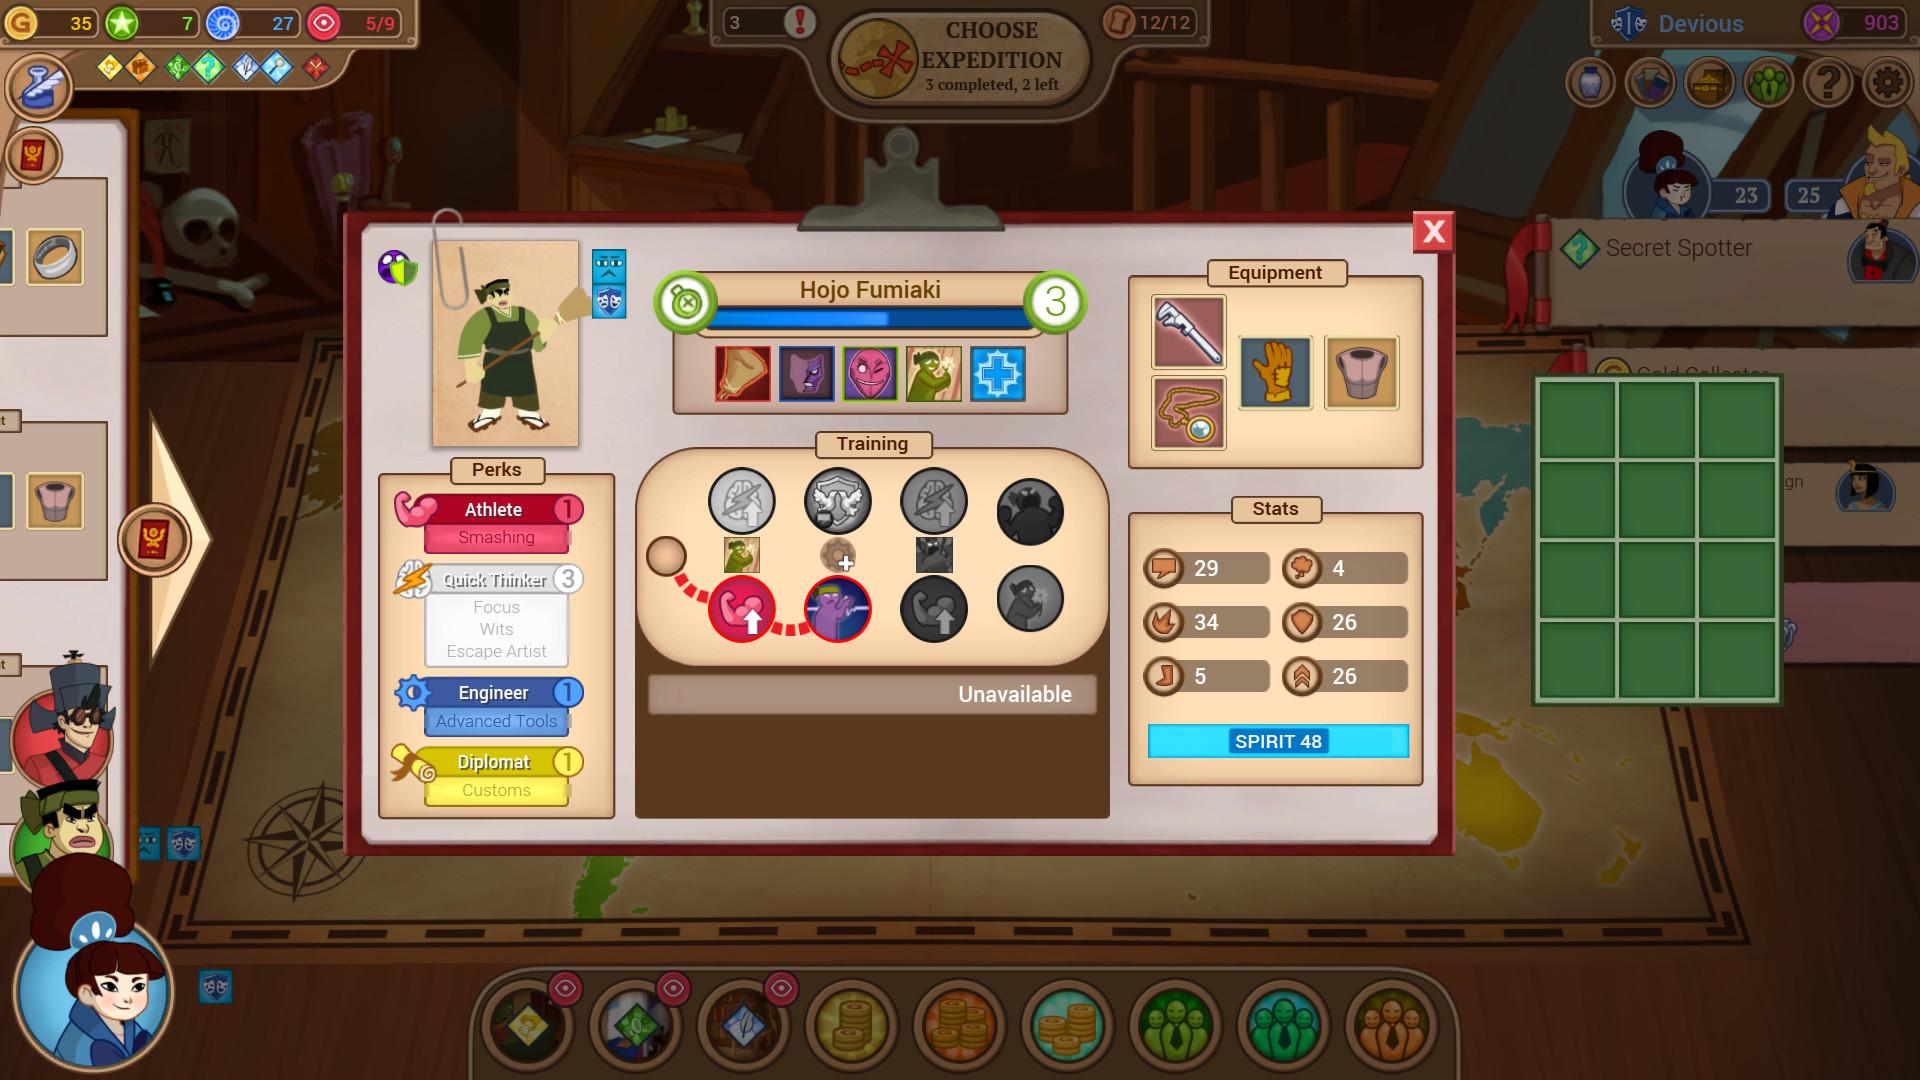 Renowned Explorers: The Emperor's Challenge screenshot